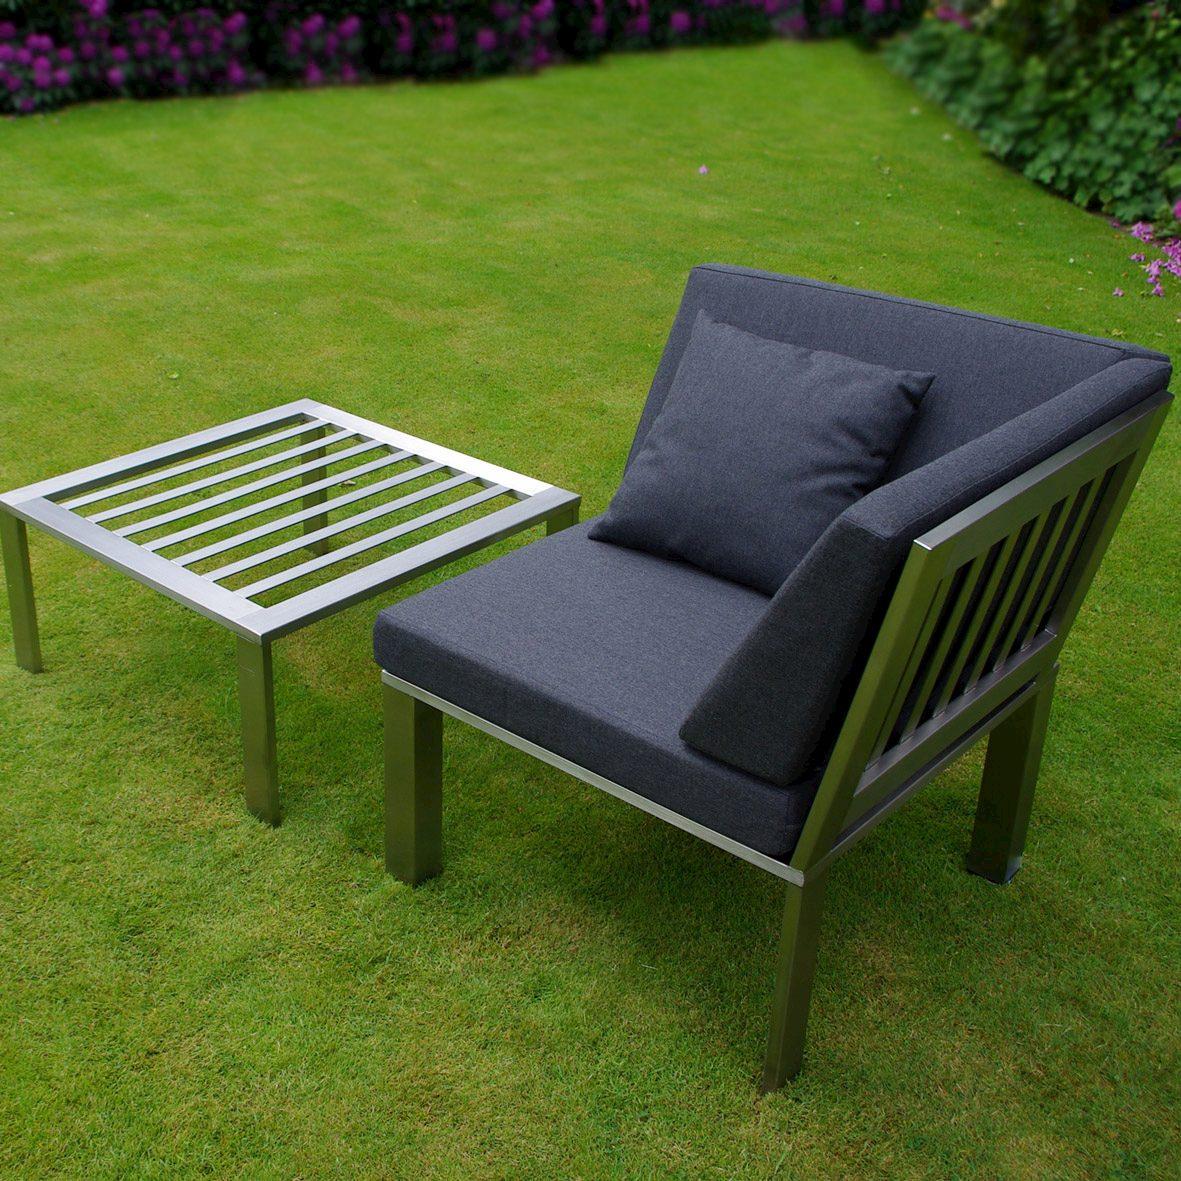 Full Size of Bauhaus Liegestuhl Polster Lounge Ecke Kat 2 Charcoal 3705 Pt 240 Garten Fenster Wohnzimmer Bauhaus Liegestuhl